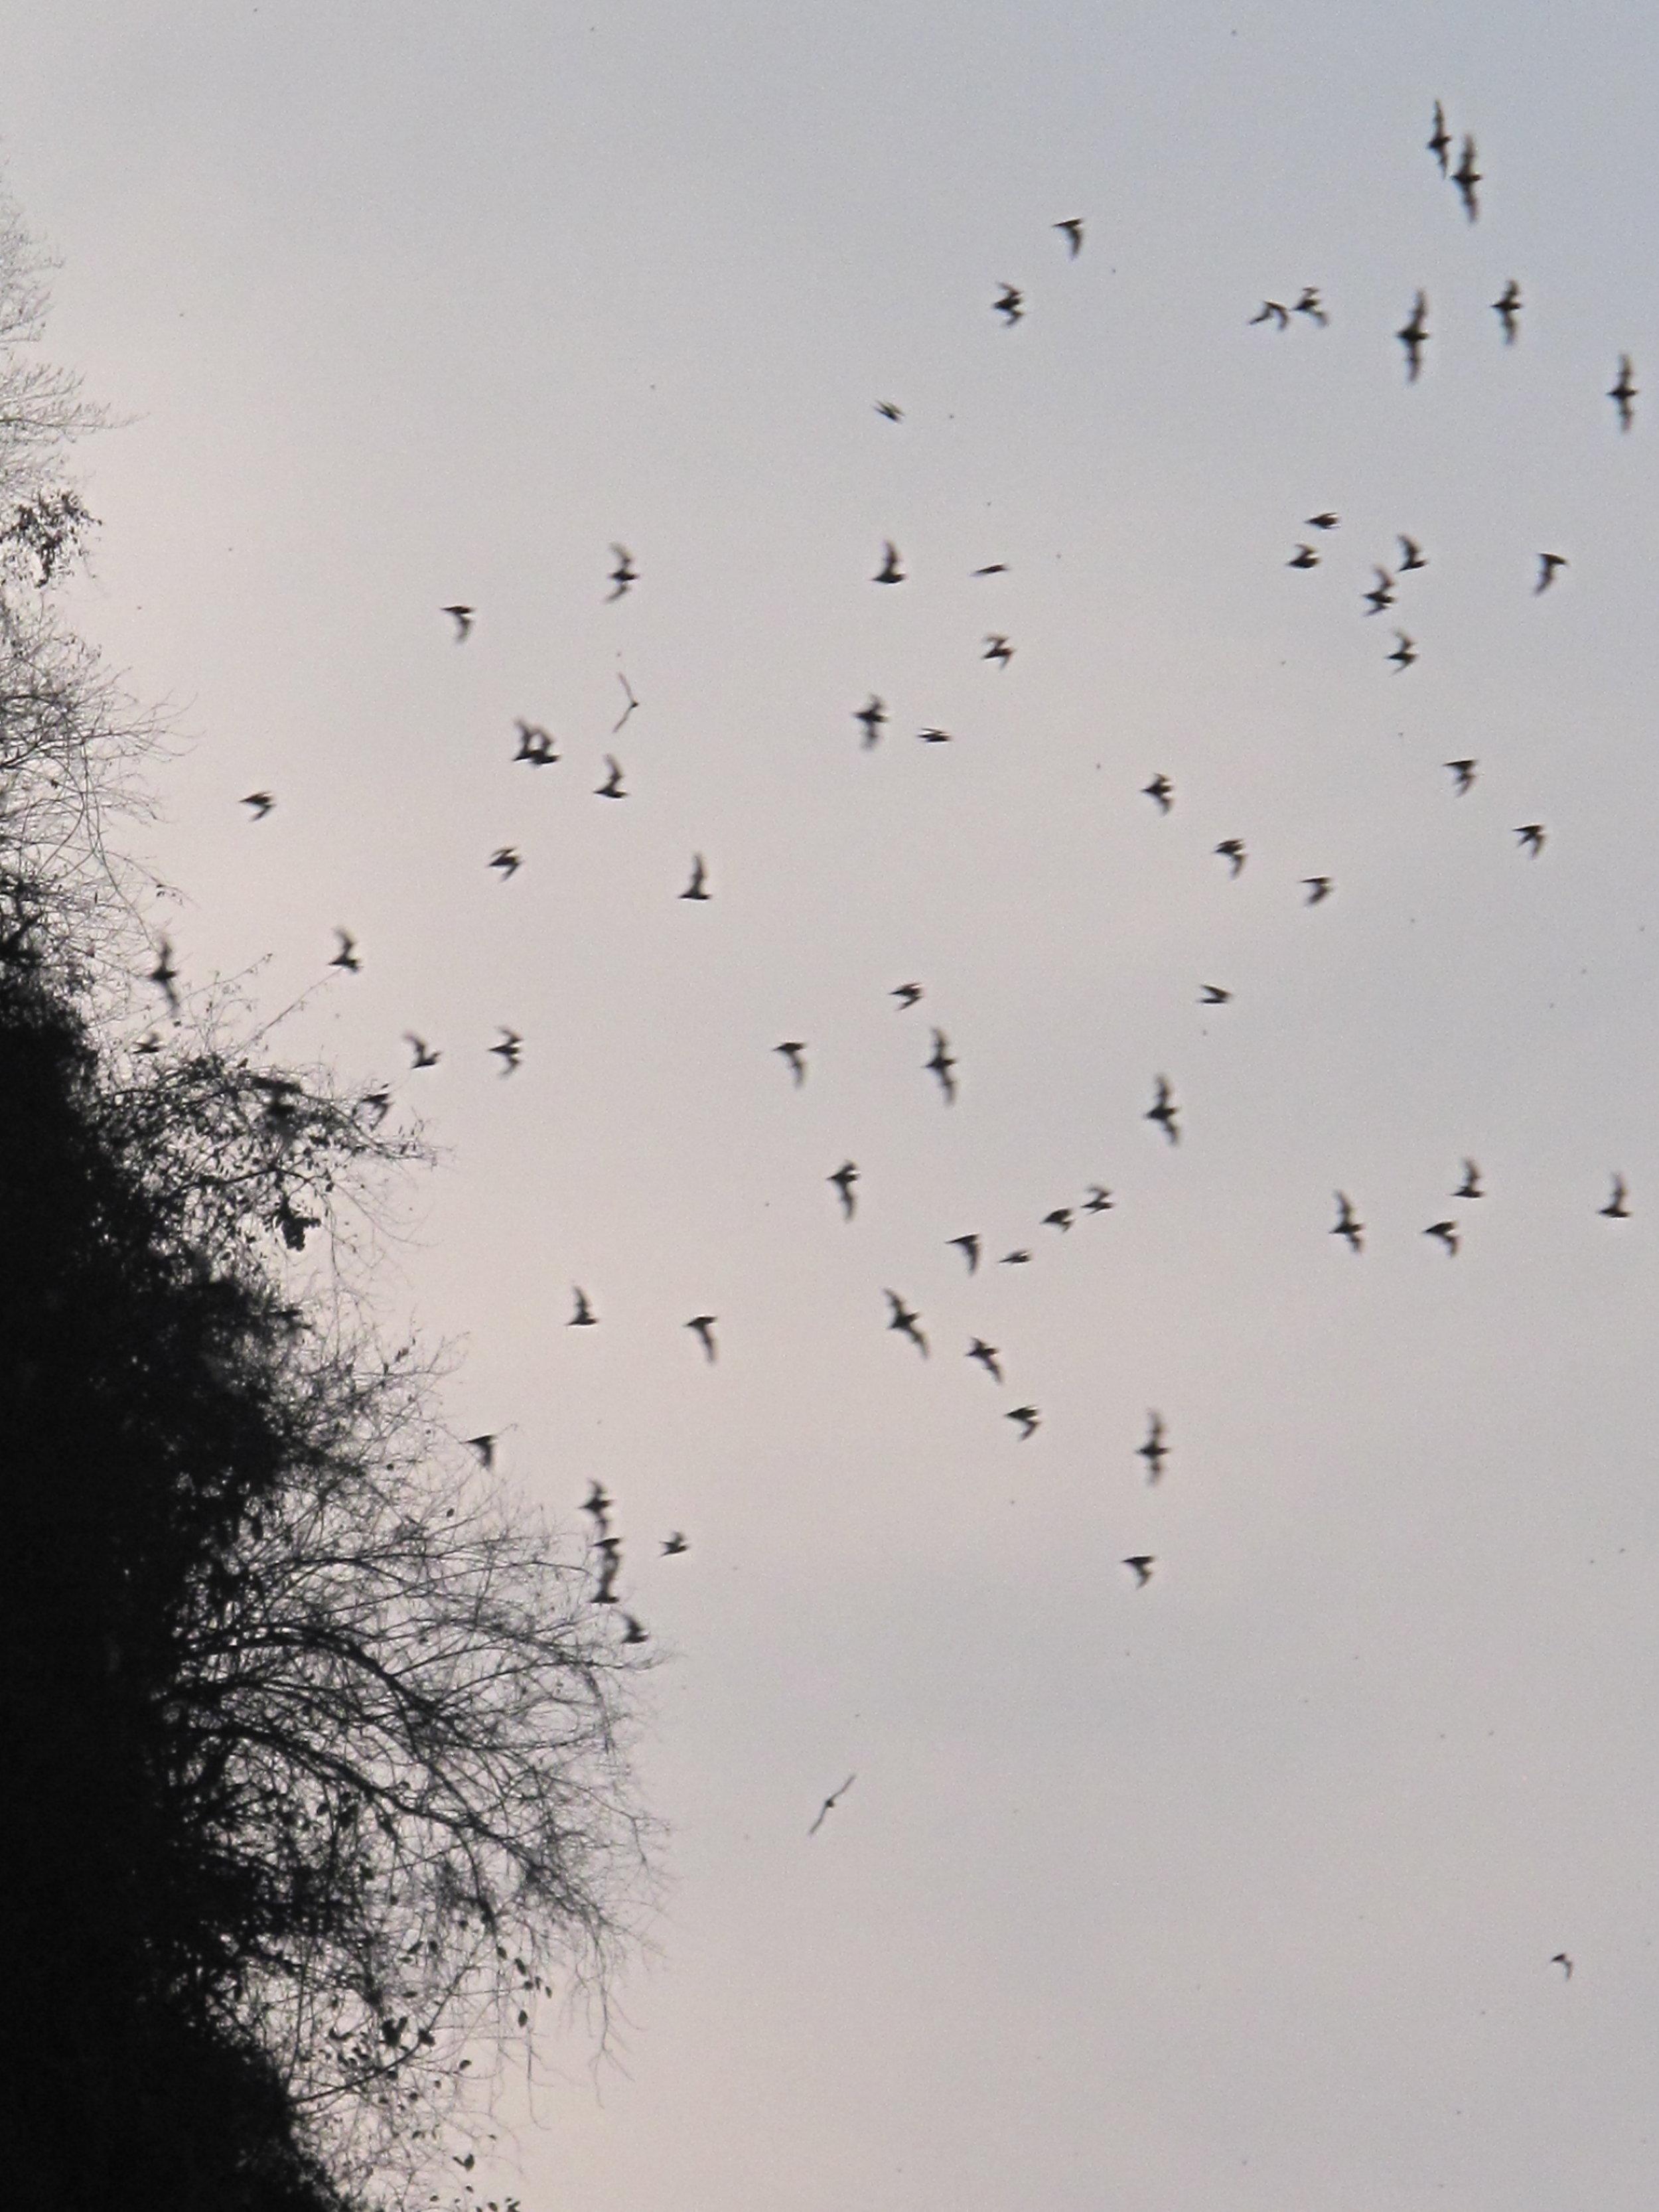 Bats flying out of a cave at Mt Sampeou, Battambang